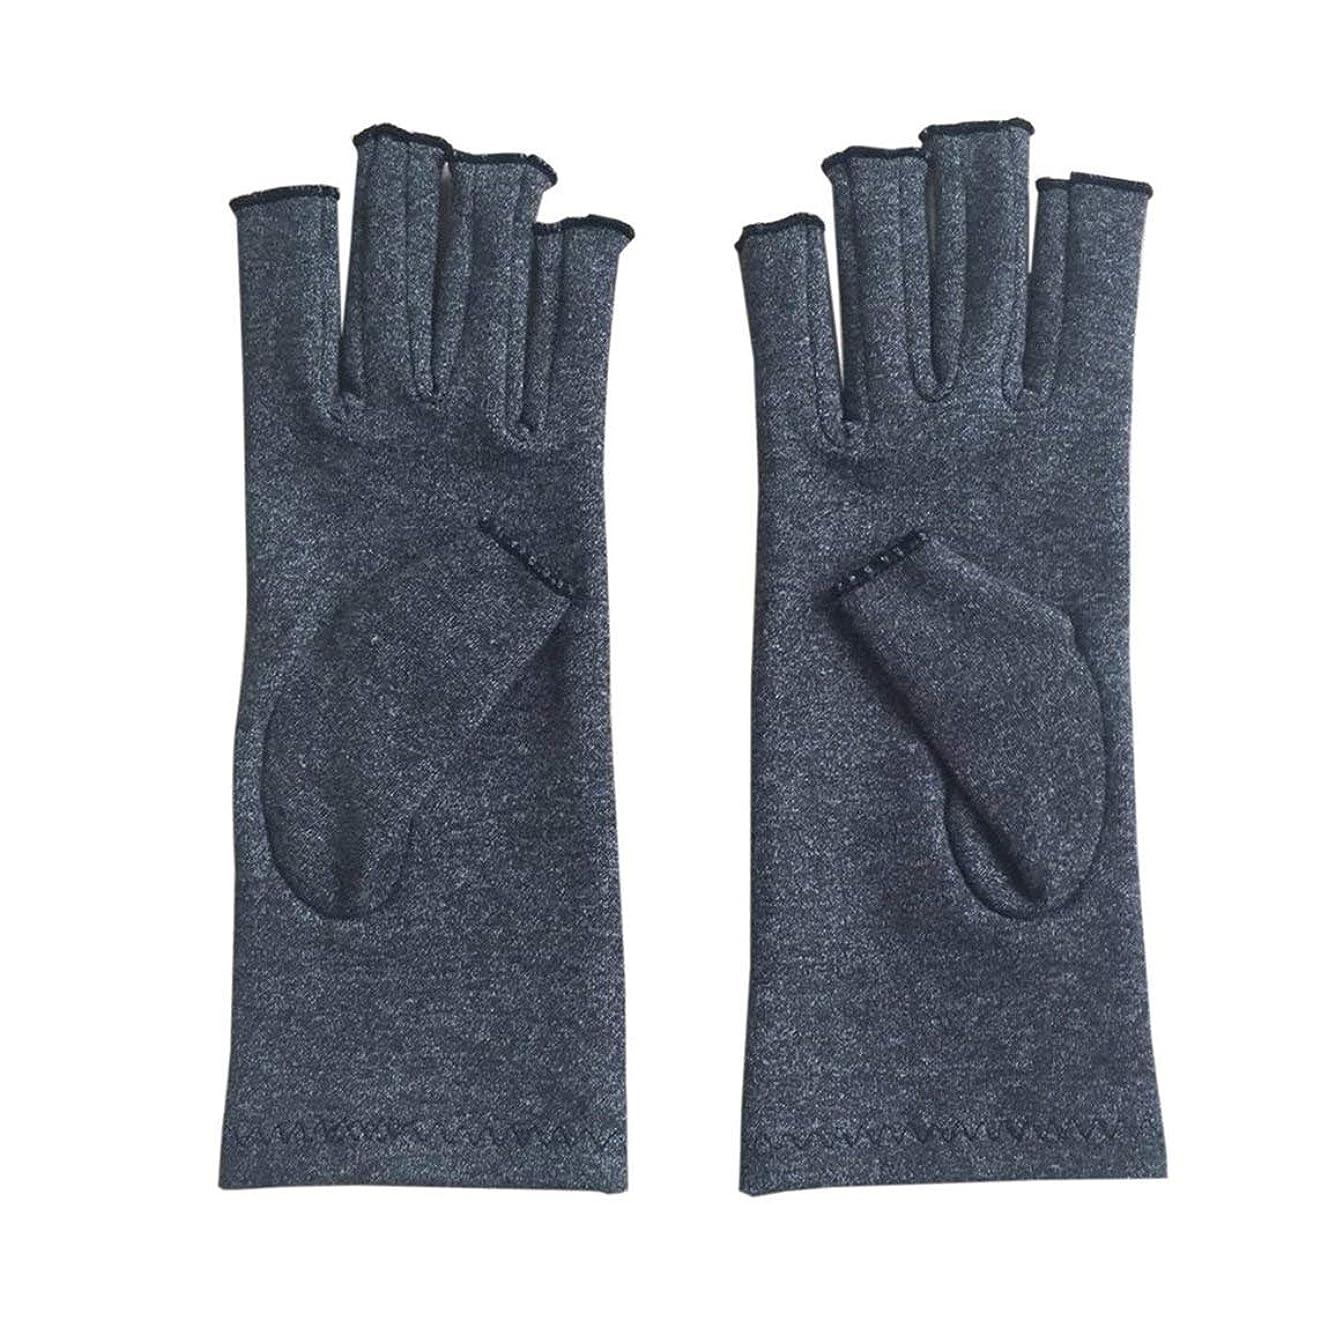 独占知事トライアスロンAペア/セットの快適な男性の女性療法の圧縮手袋ソリッドカラーの通気性関節炎関節痛軽減手袋 - グレーL